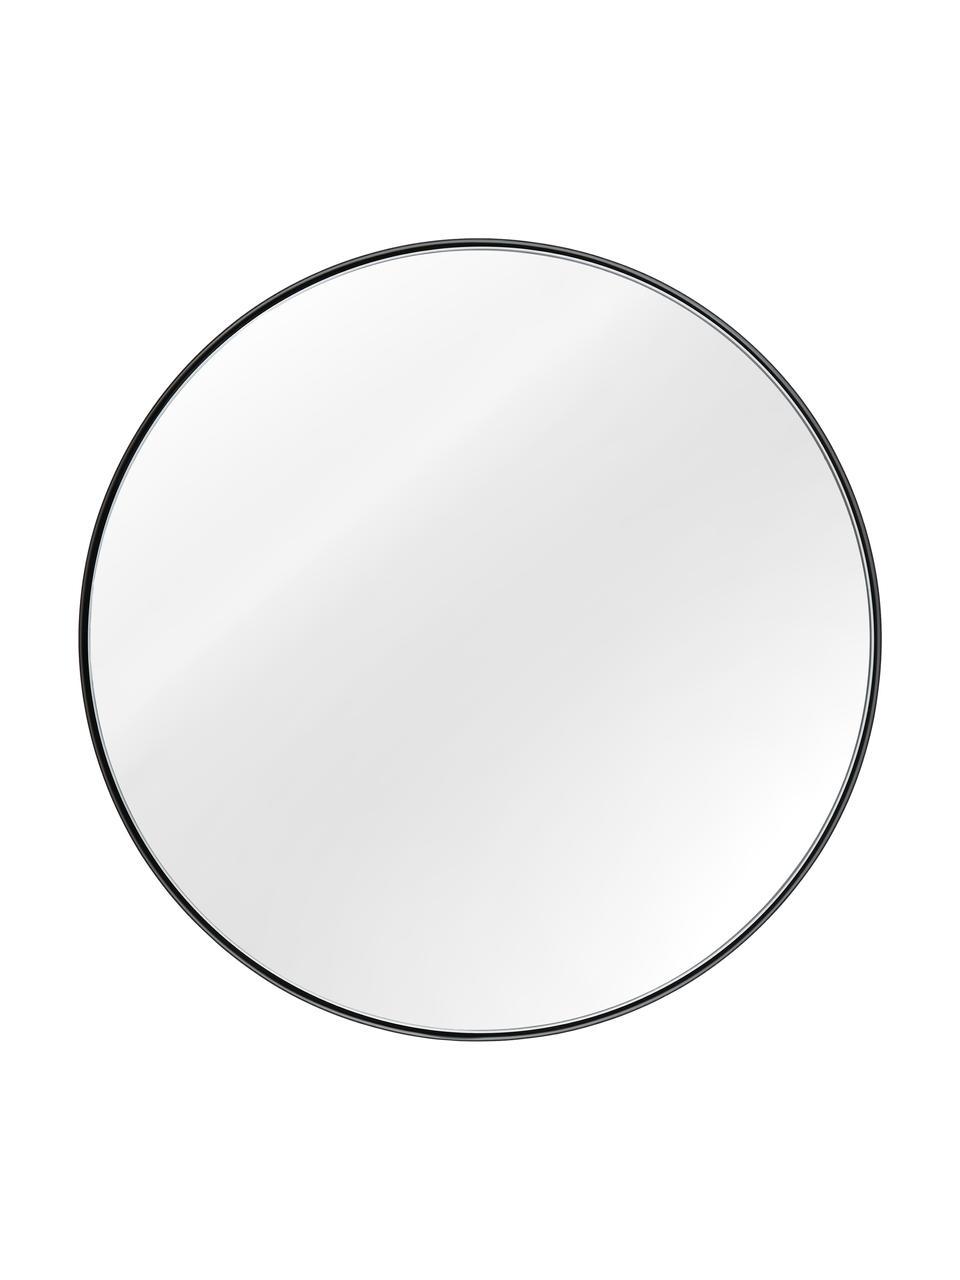 Okrągłe lustro ścienne Ivy, Czarny, Ø 100 cm